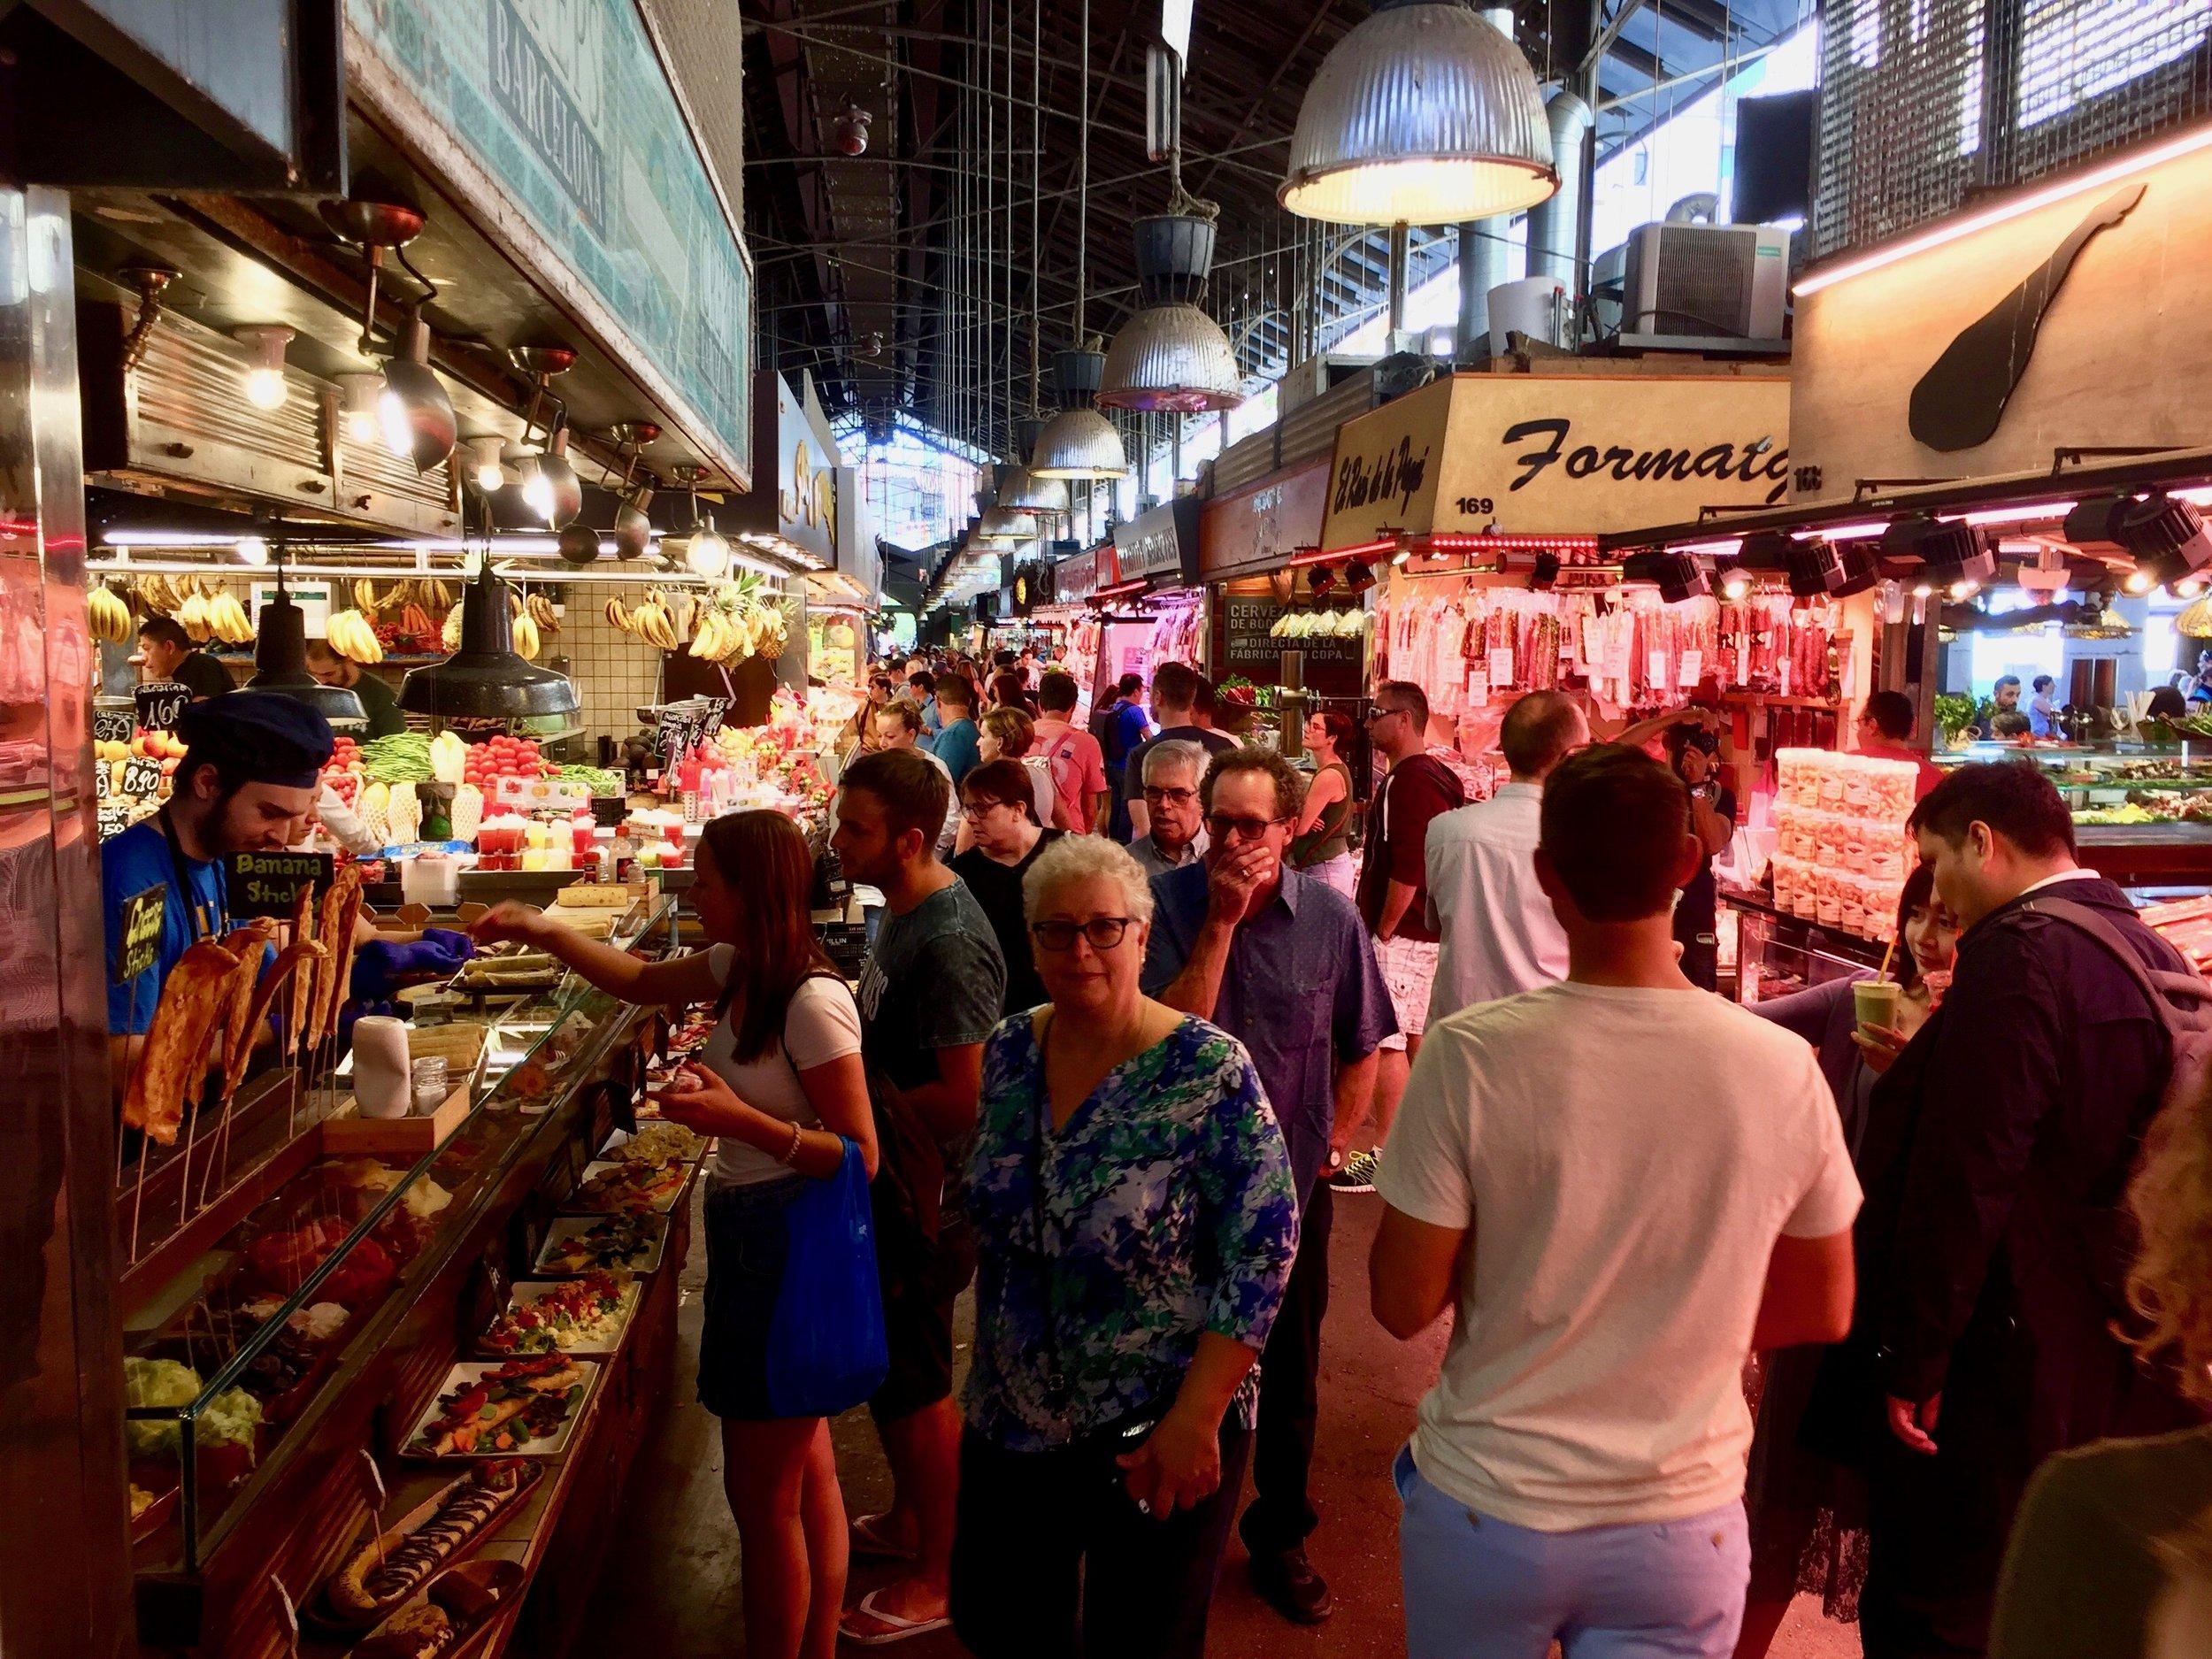 Barcelona Spain market.jpg